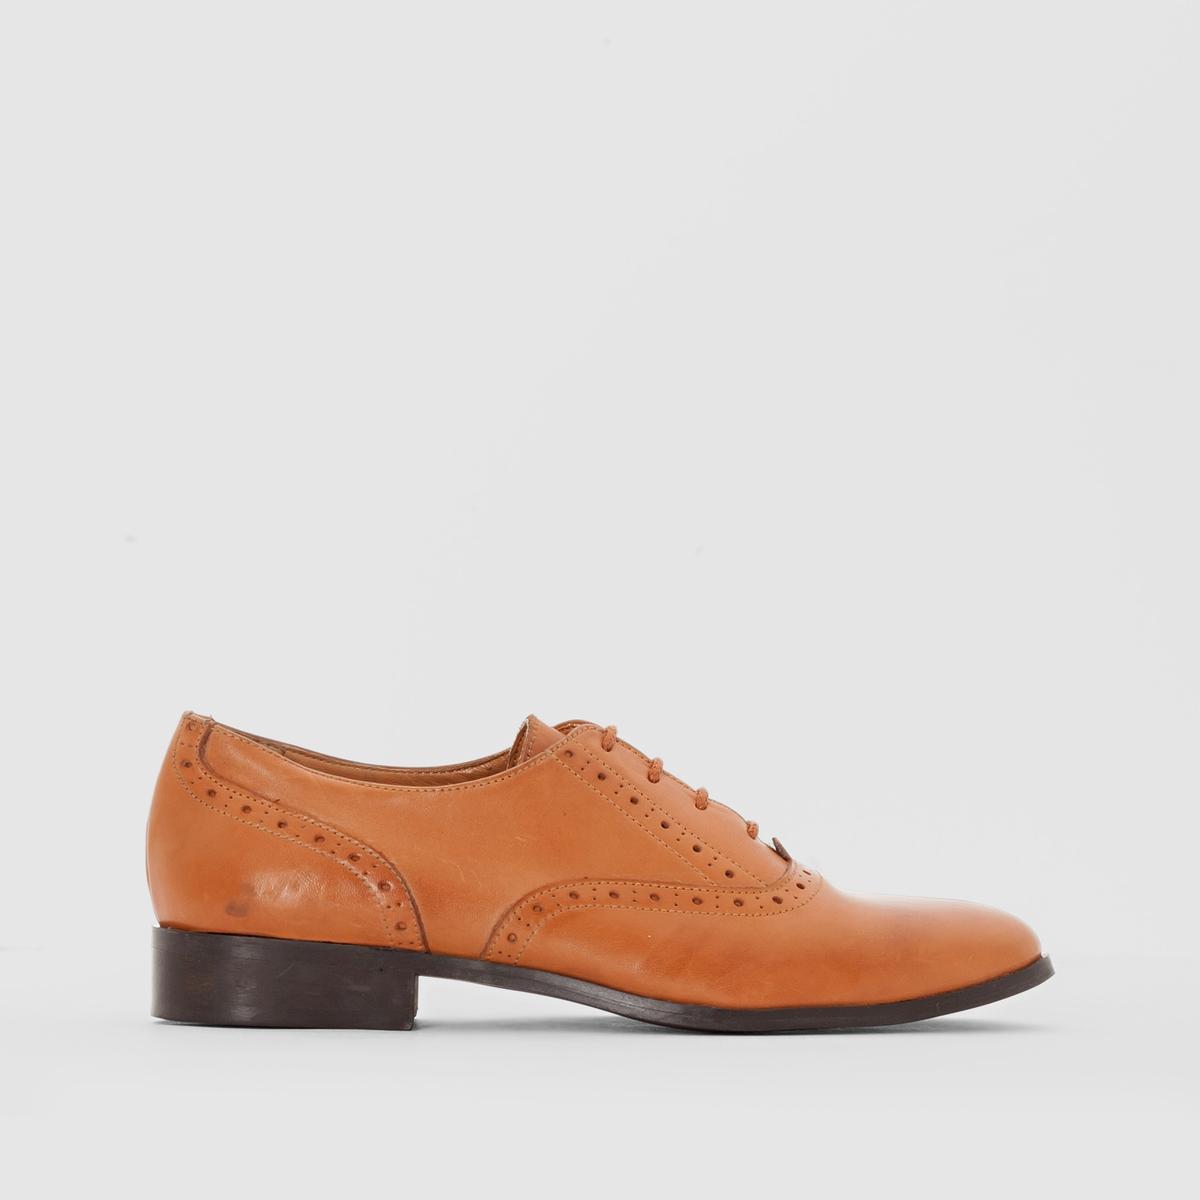 Ботинки-дерби кожаныеПреимущества: перфорированная кожа, стиль нео-ретро, эти ботинки-дерби с лёгкостью будут сочетаться с любыми вашими образами.<br><br>Цвет: темно-бежевый,черный<br>Размер: 39.42.41